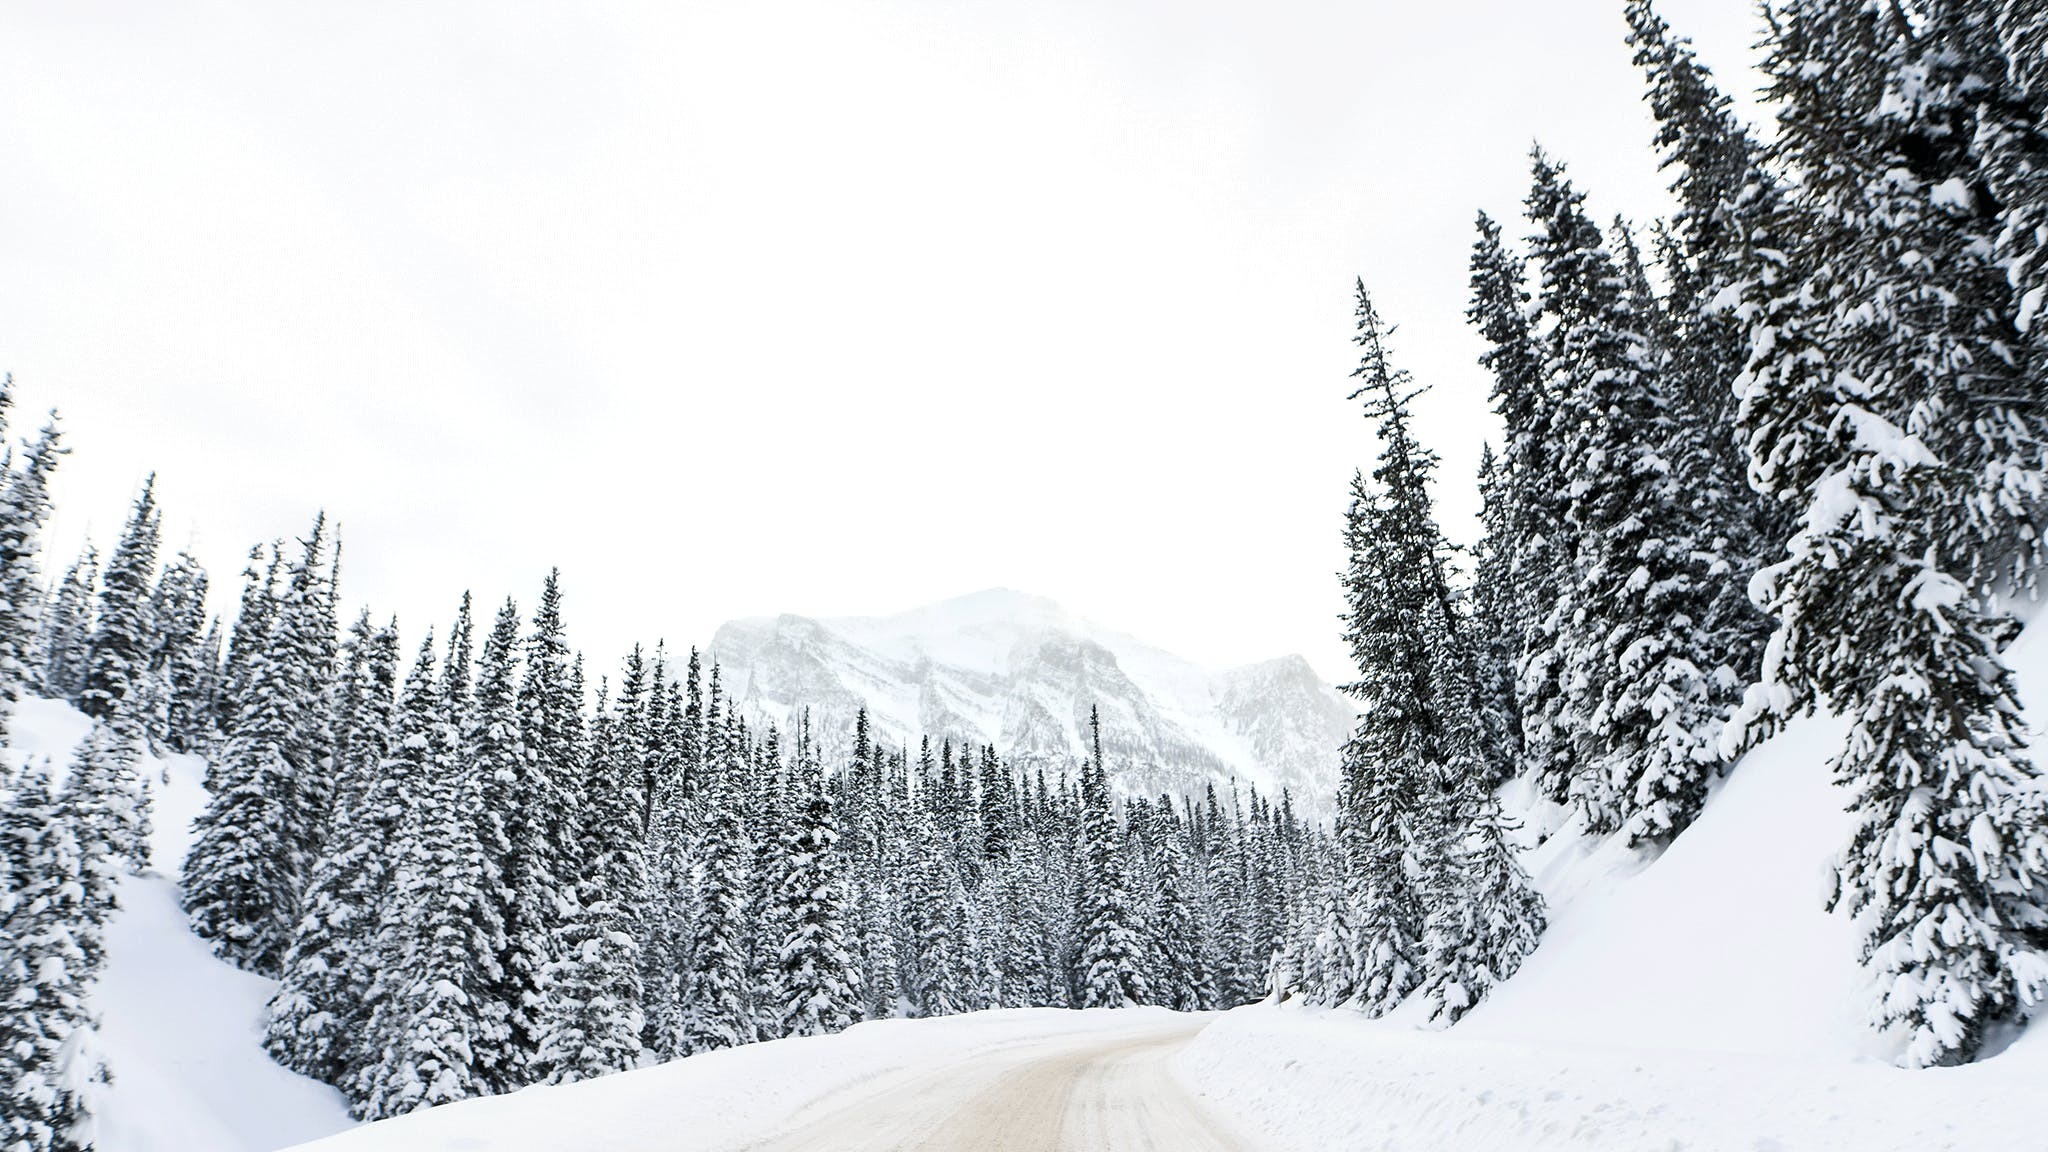 WinterShot